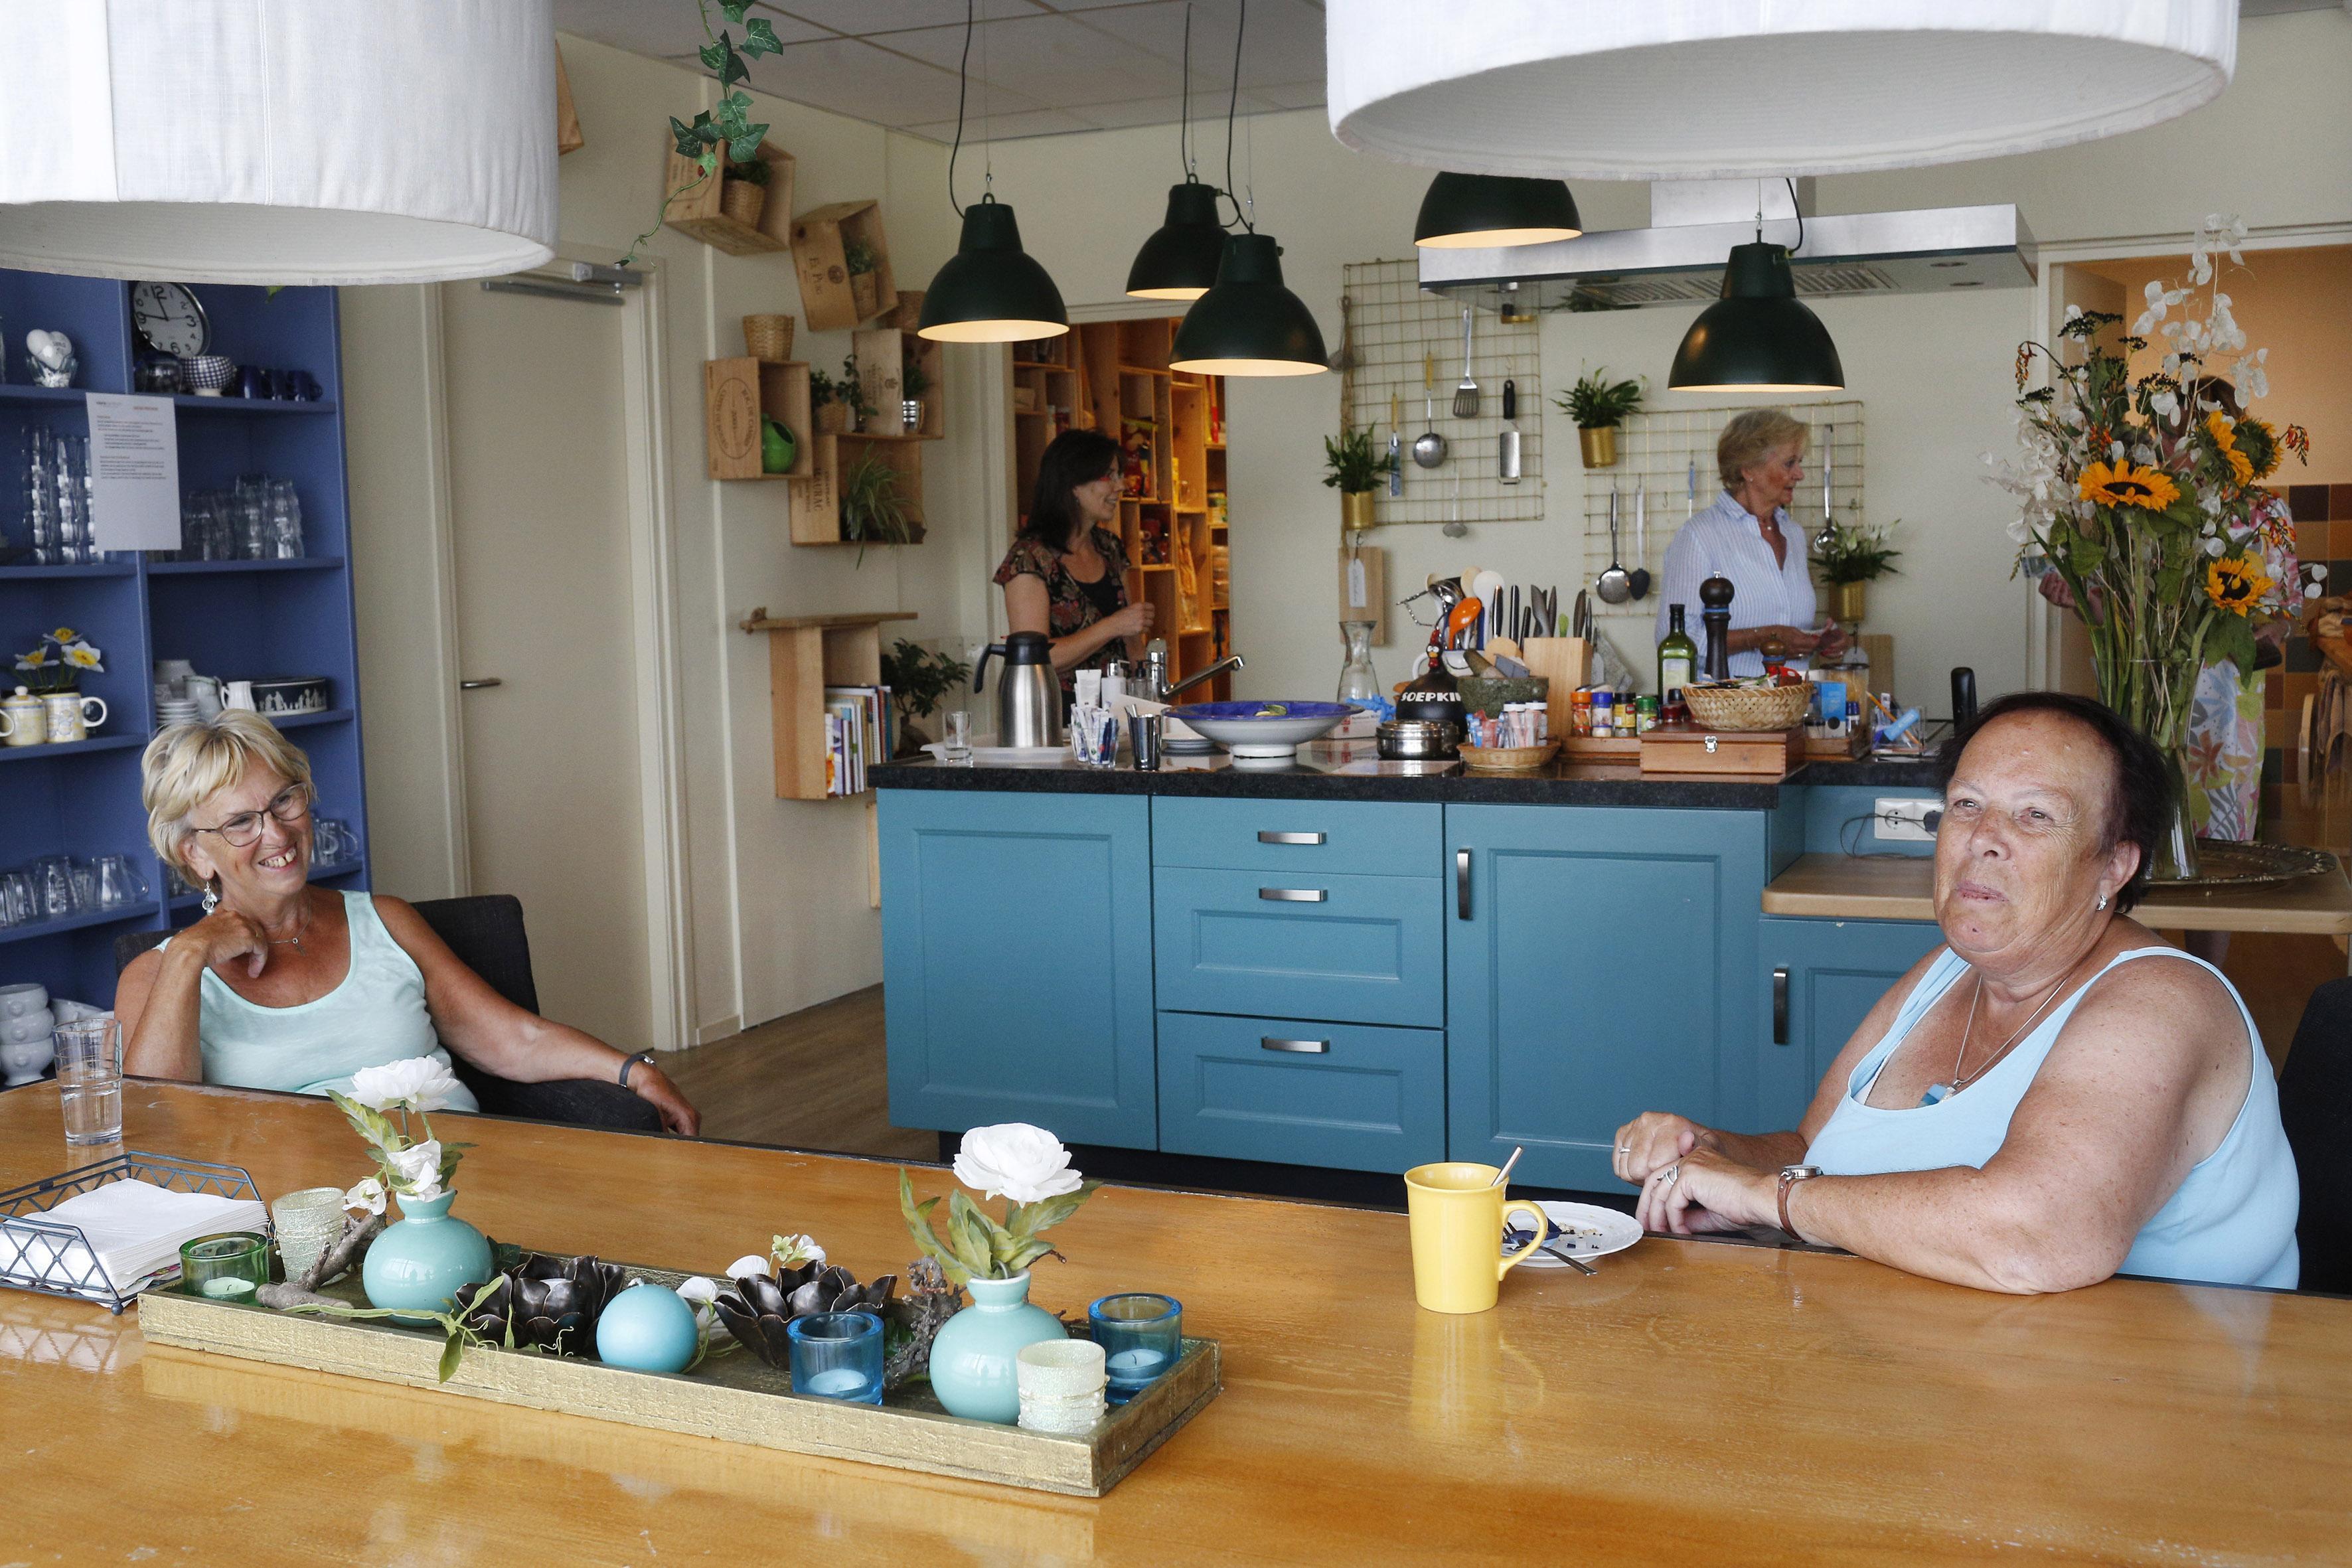 Jeanette is dolblij dat ze weer naar Viore kan. Het nieuwe huis in Hilversum voor mensen die met kanker leven is licht want de ziekte is al zwaar genoeg